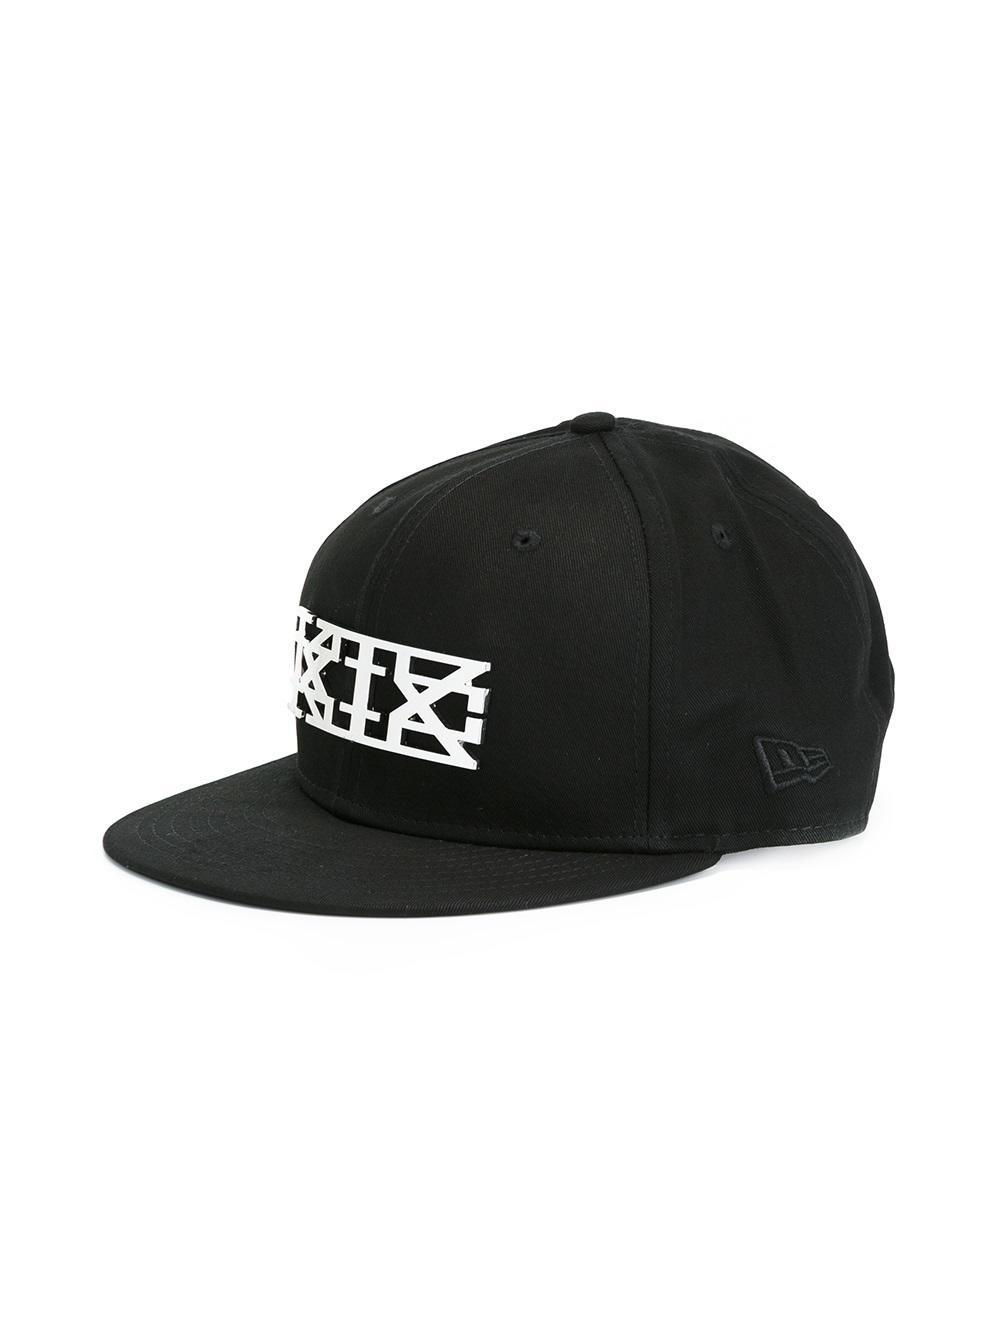 KTZ - Black Logo Plaque Cap - Lyst. View fullscreen eae3c46fa1f8